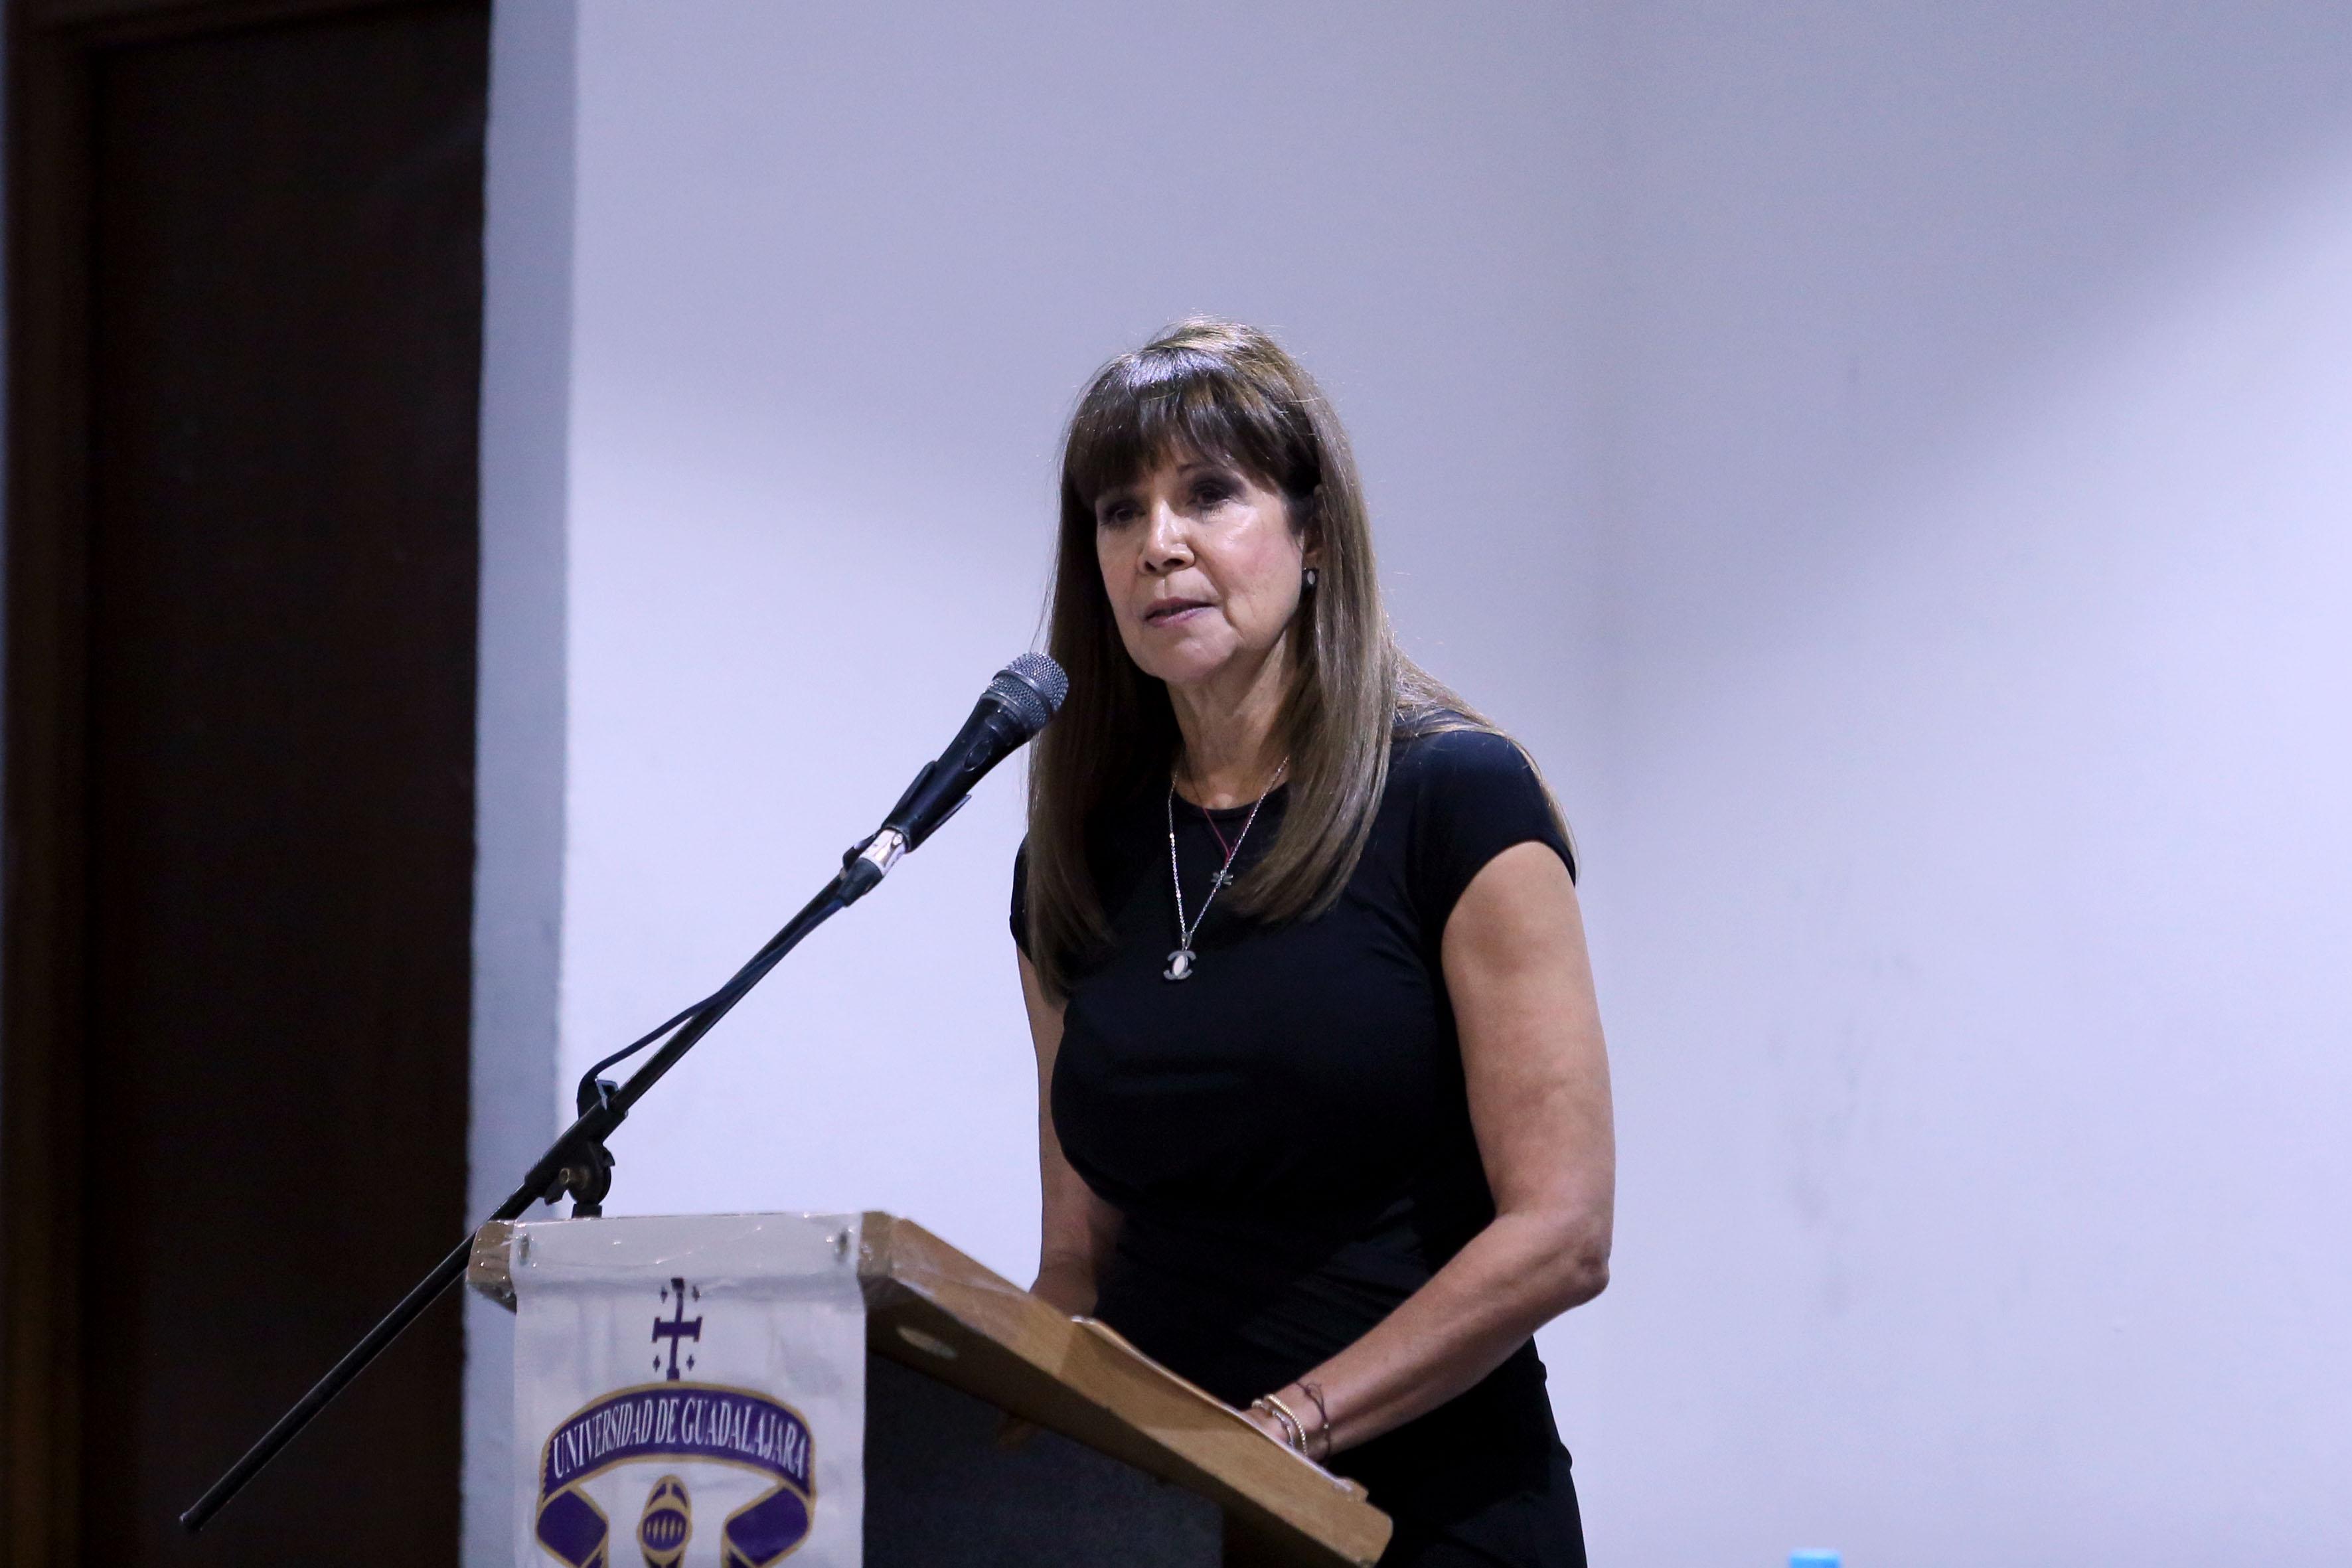 Titular de la Coordinación de Cultura Física, doctora Georgina Contreras de la Torre